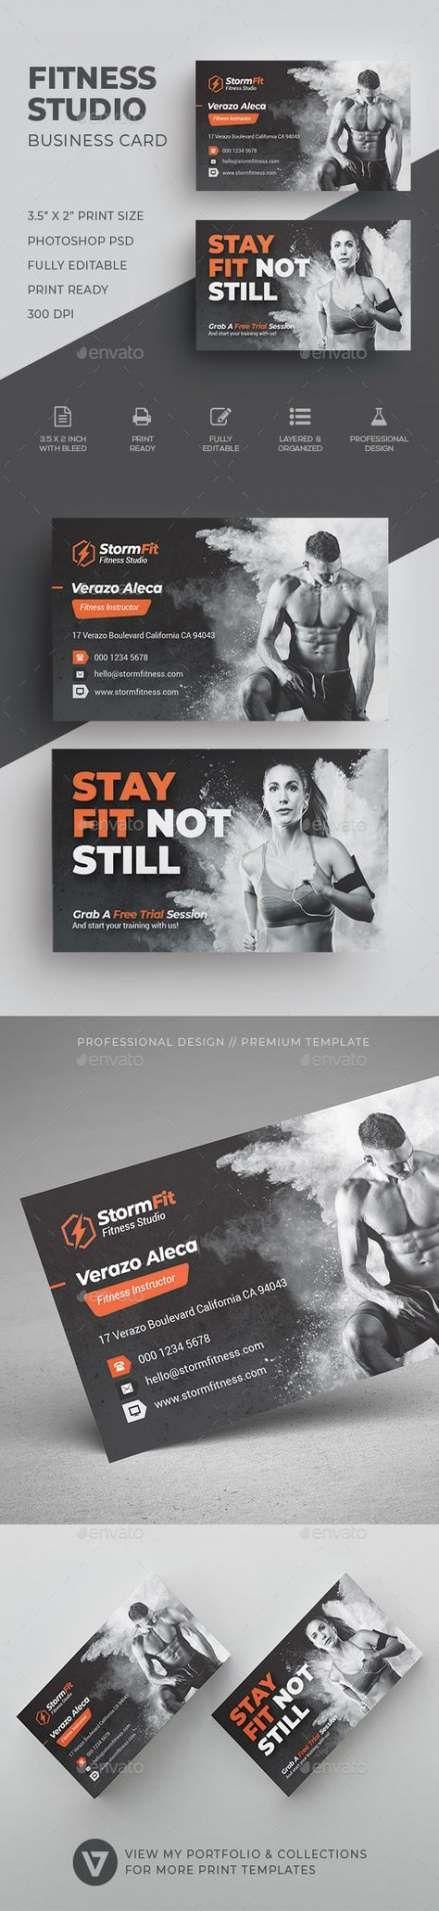 Super Fitness Logo Design Gym Business Cards Ideas Fitness Business Card Fitness Business Business Card Design